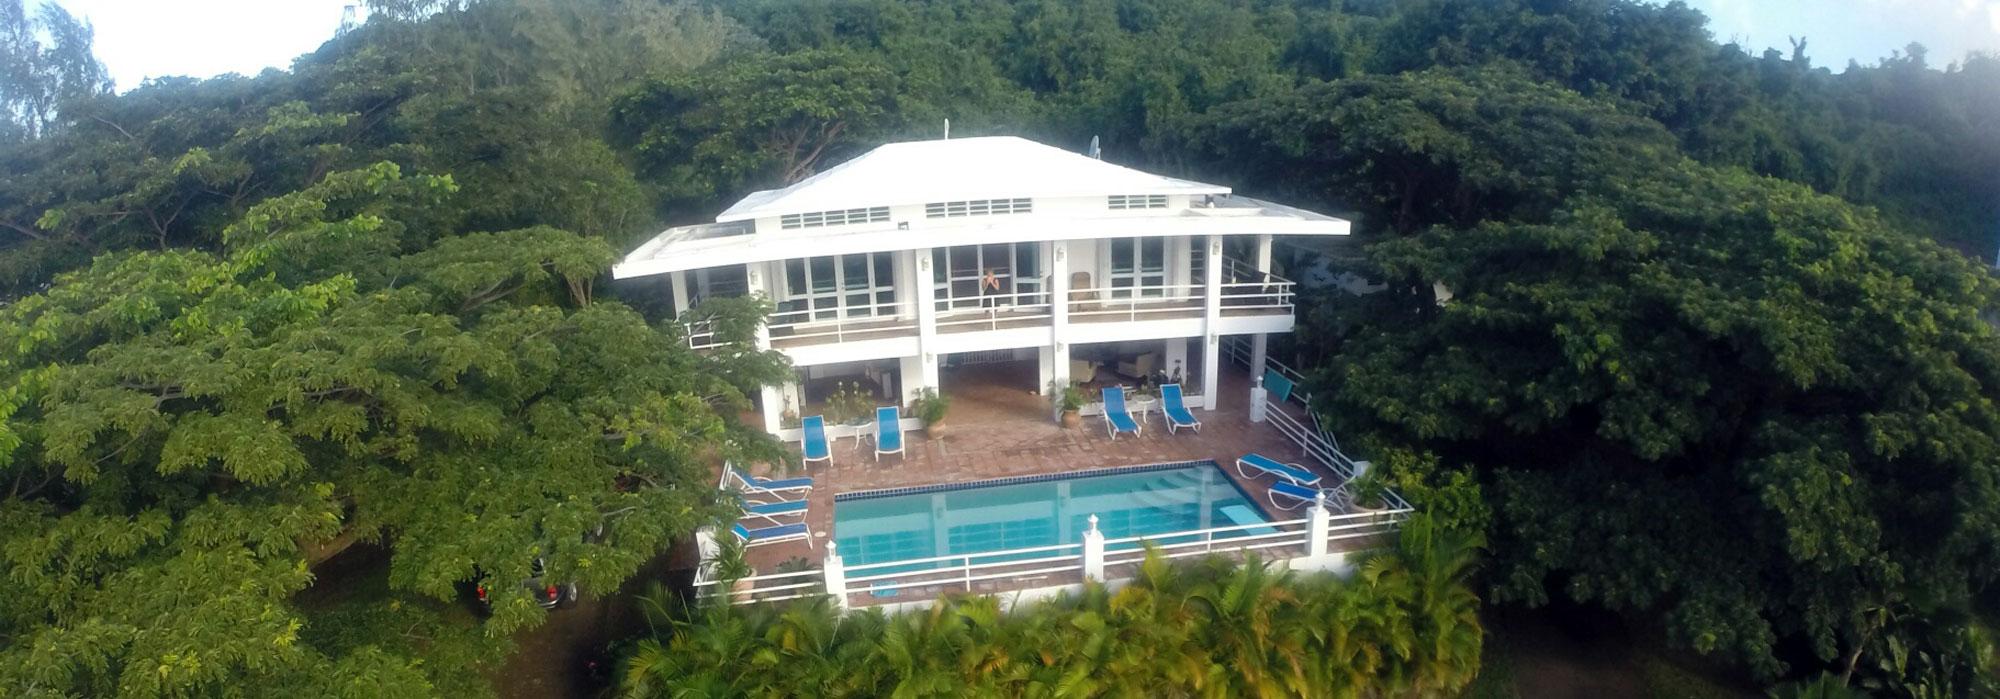 CASA MANANA – Prestigious Pilon